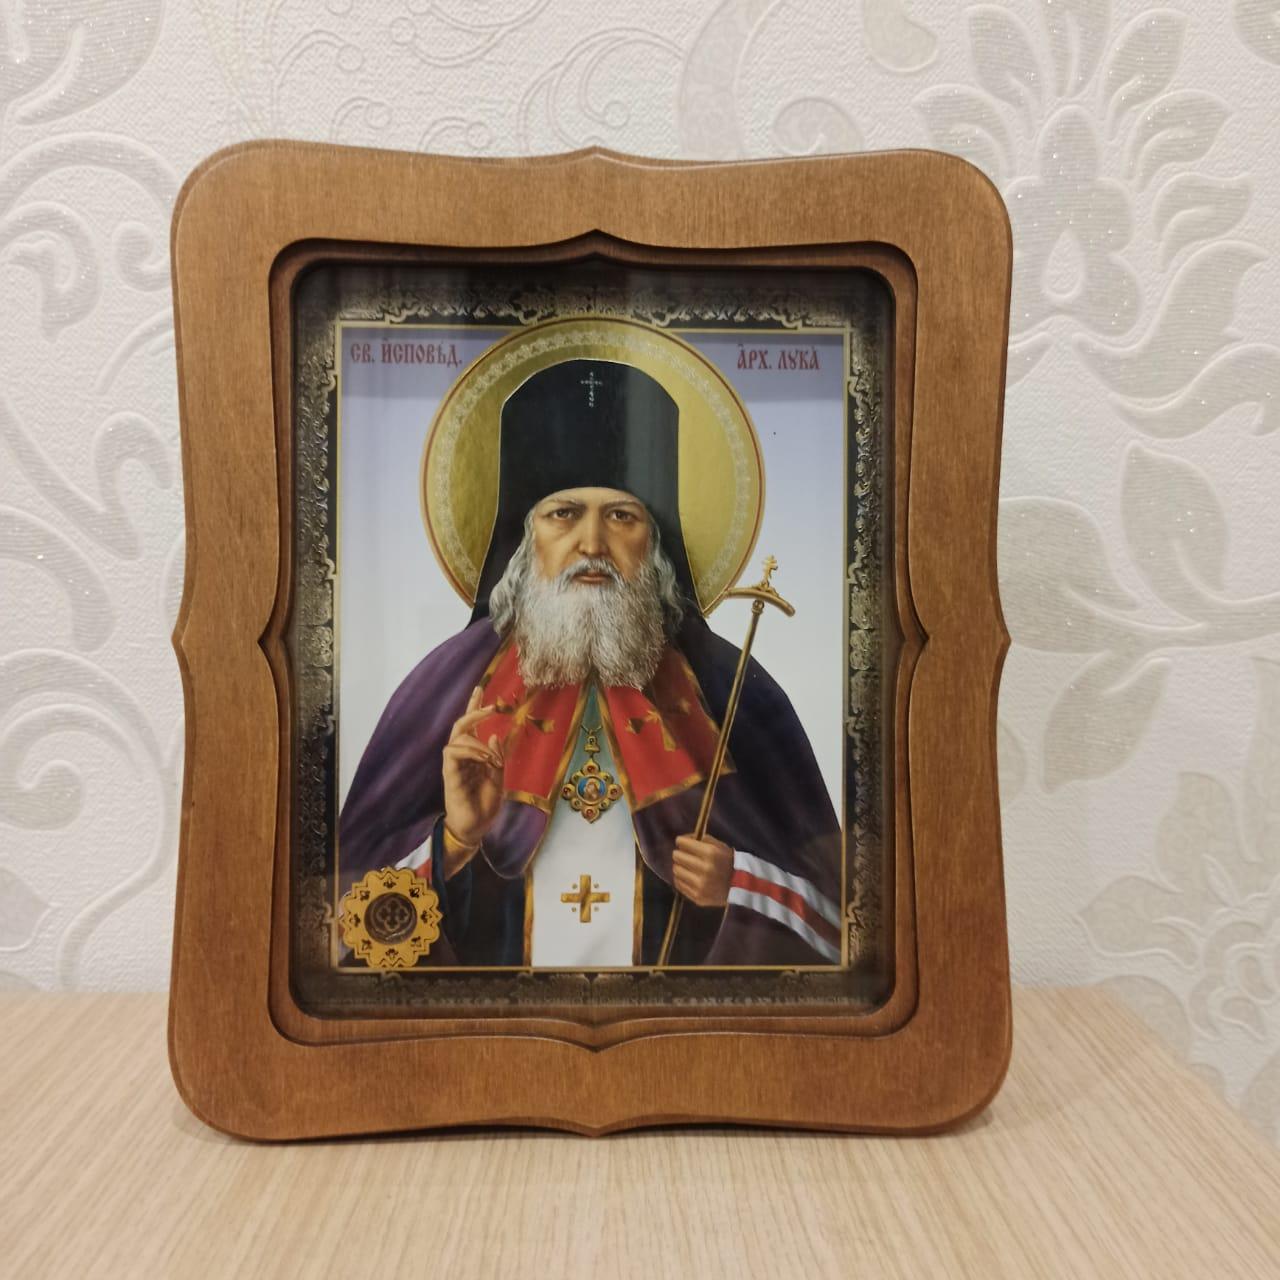 Икона святителя Луки (Войно-Ясенецкого) с частицей покровца от его мощей (22.5 на 26.5 см)